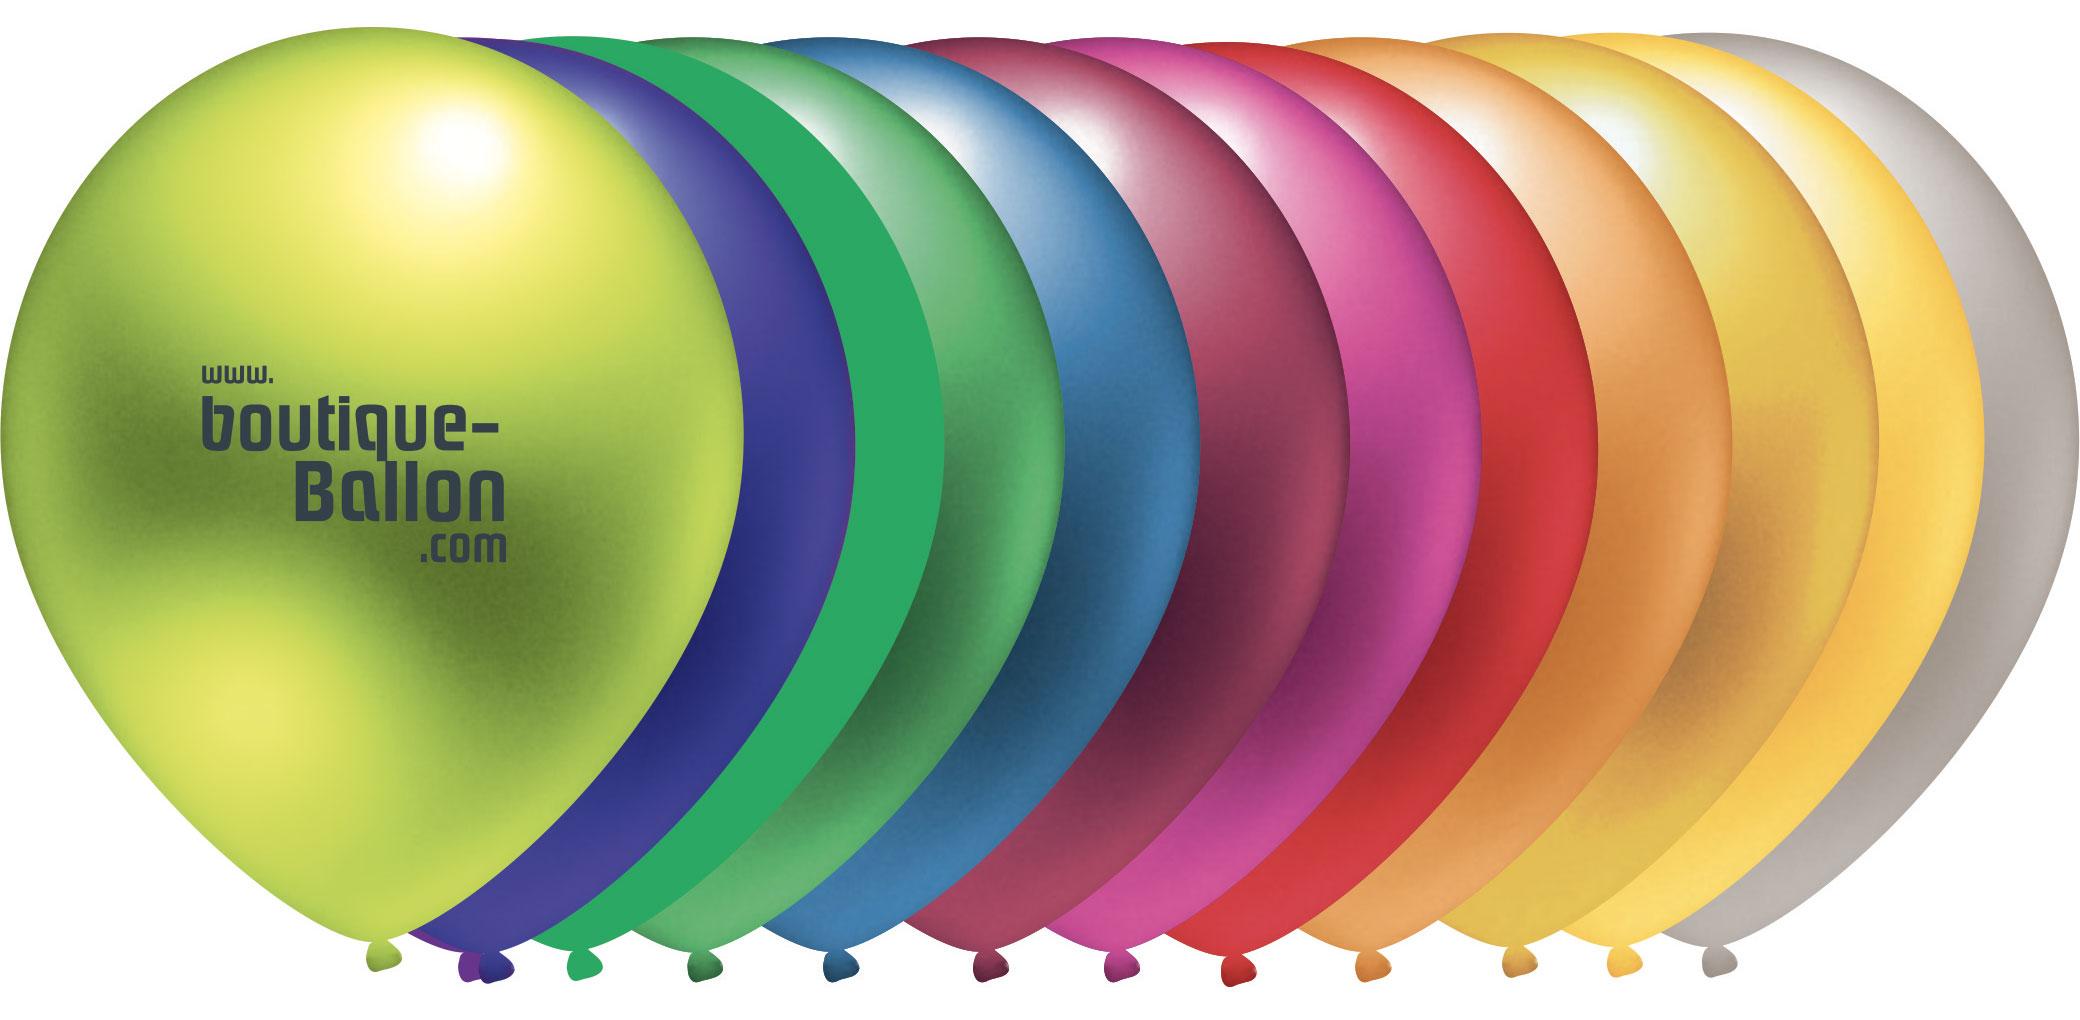 Ballon ecologique - impression pas cher